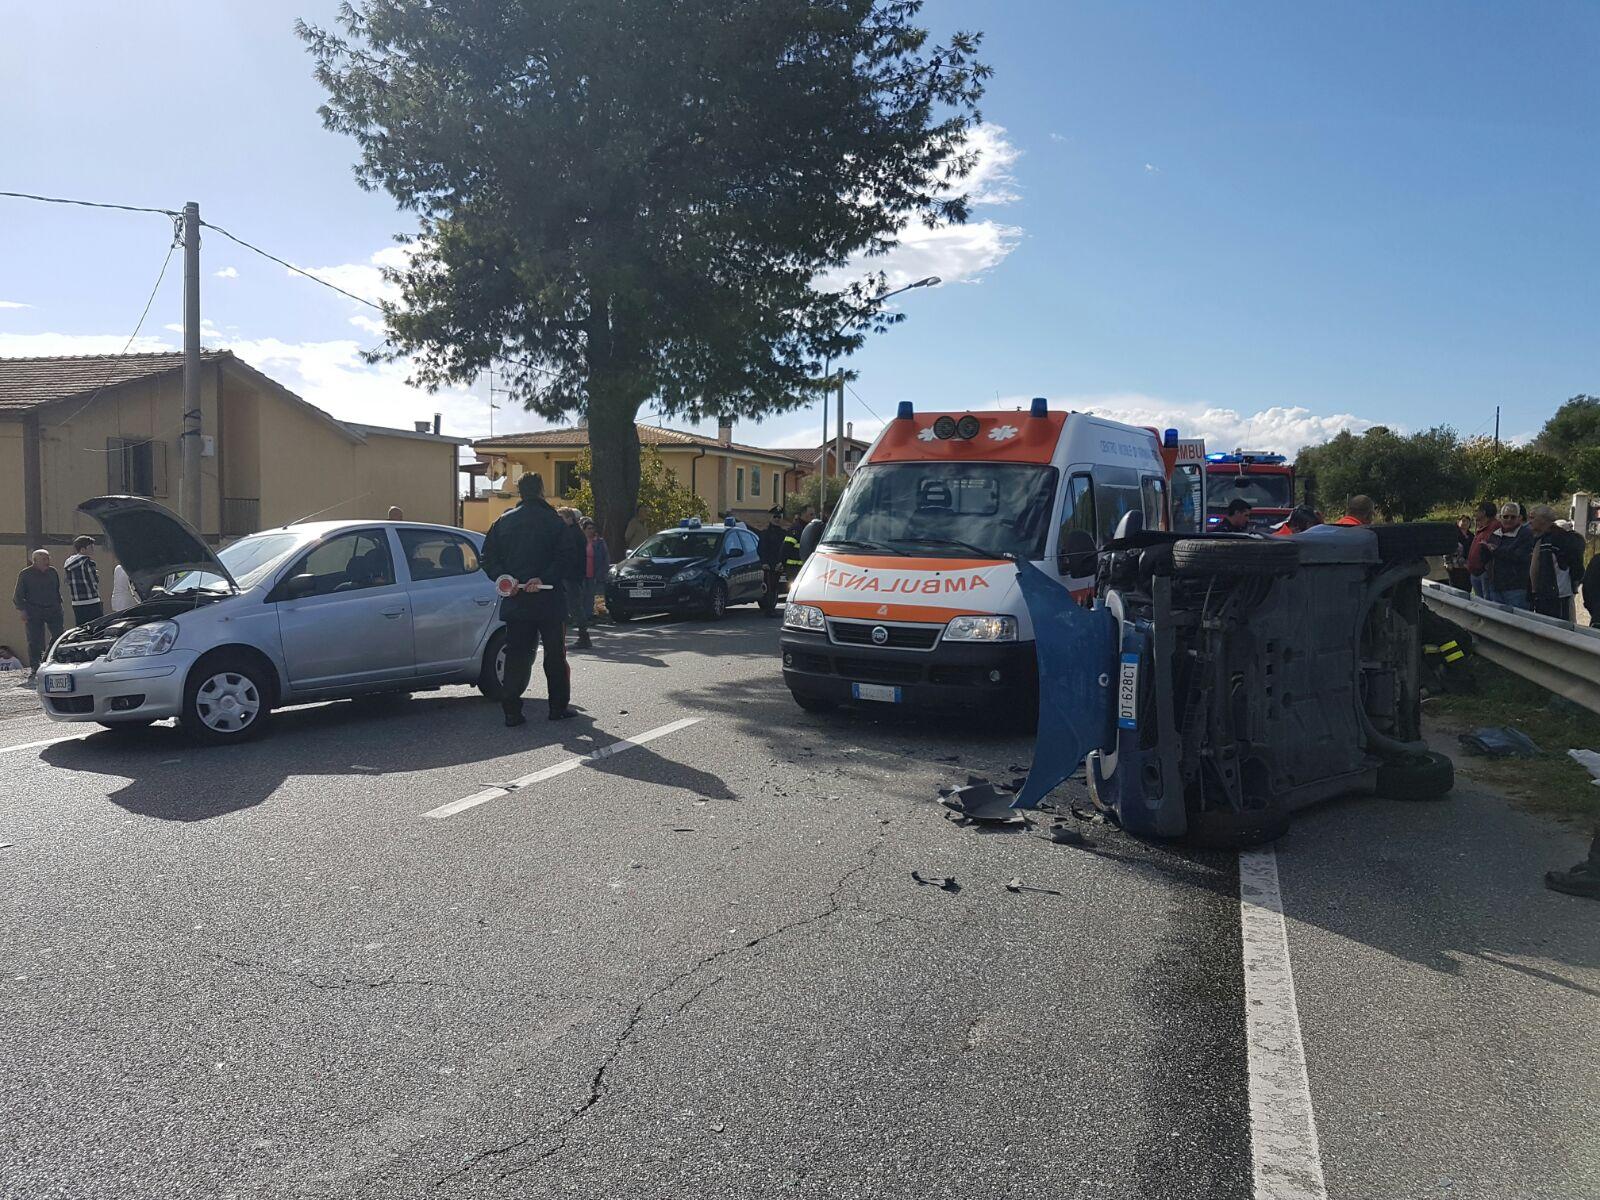 Incidente nel Catanzarese, auto tampona un camionMacchina interamente distrutta, ferite madre e figlia